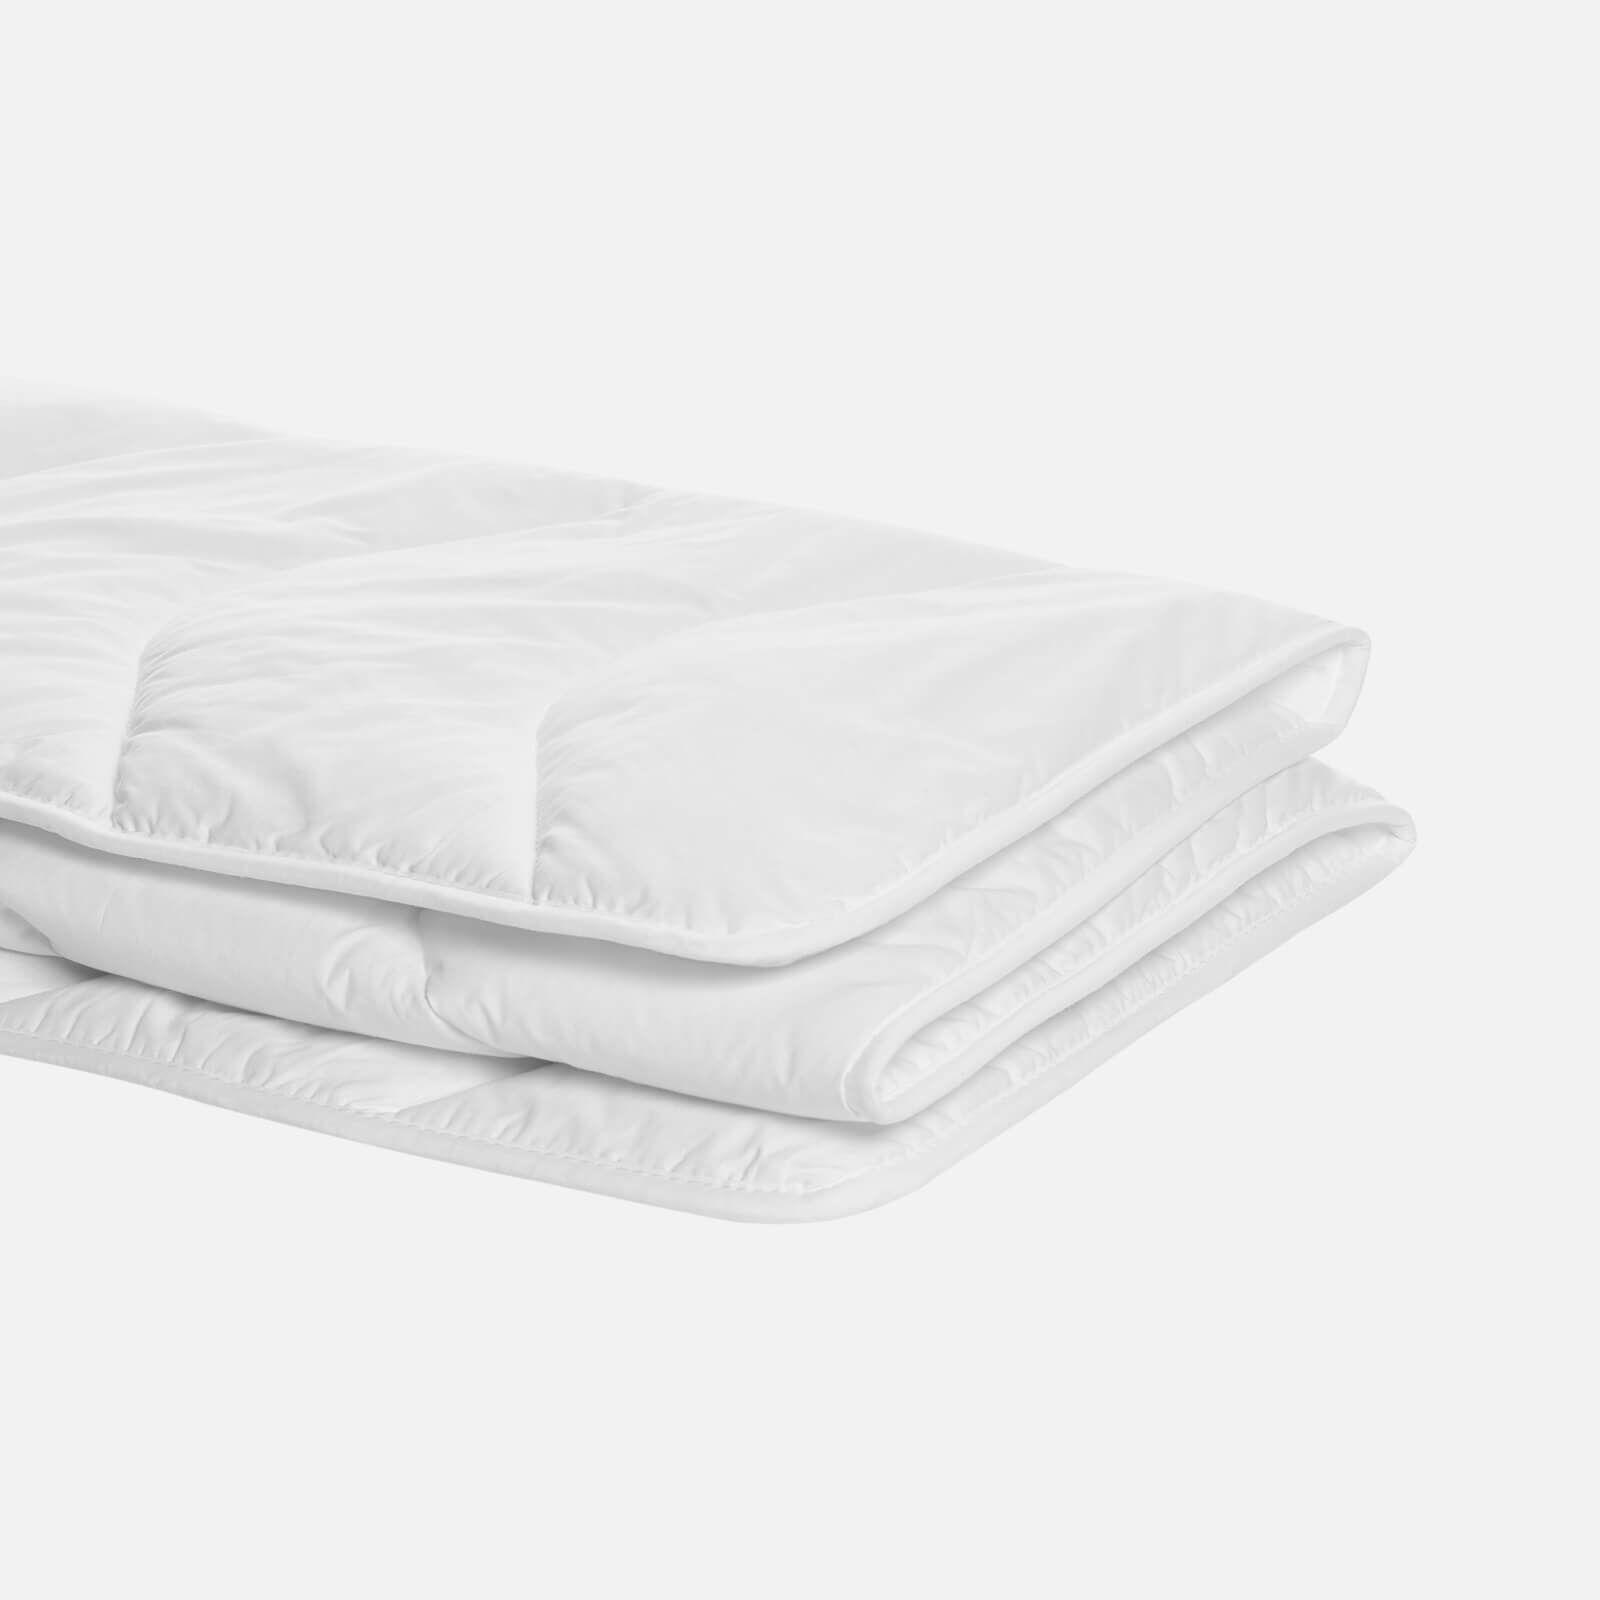 in homeware Children's Anti-Allergy Cotton Duvet - White (7 Tog)